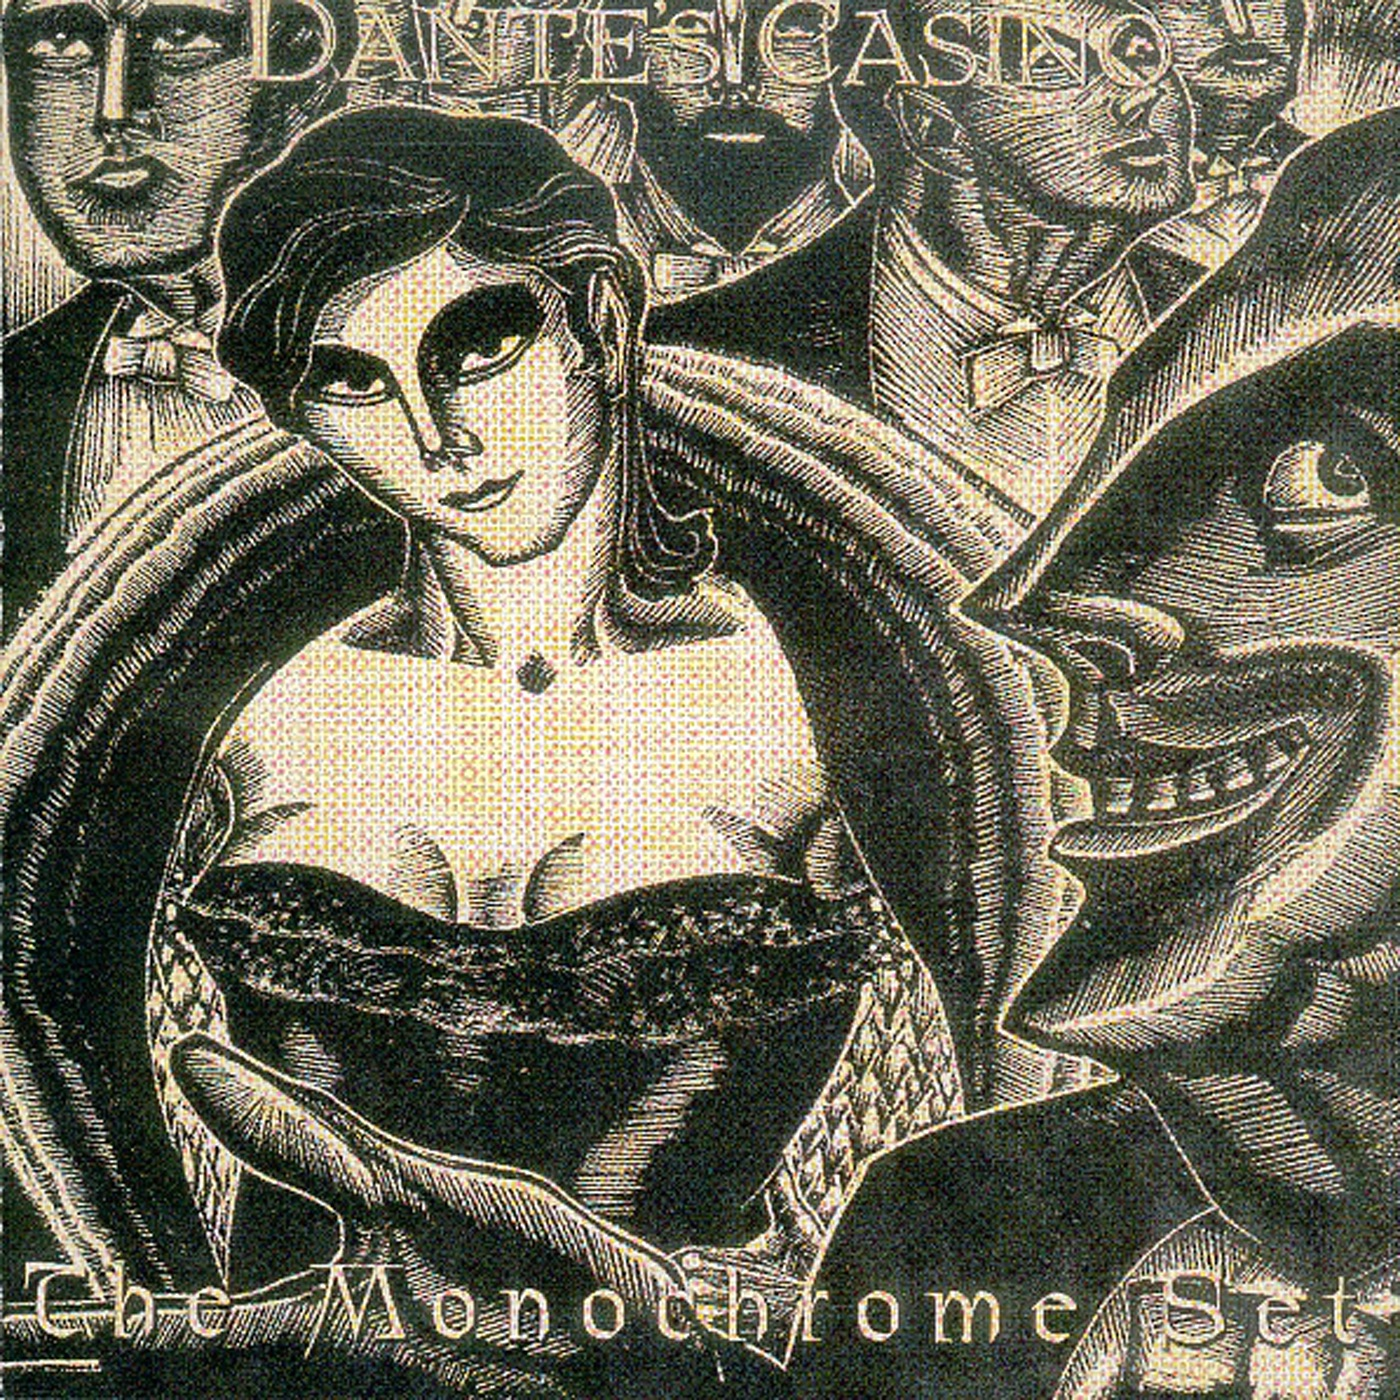 Dante's Casino